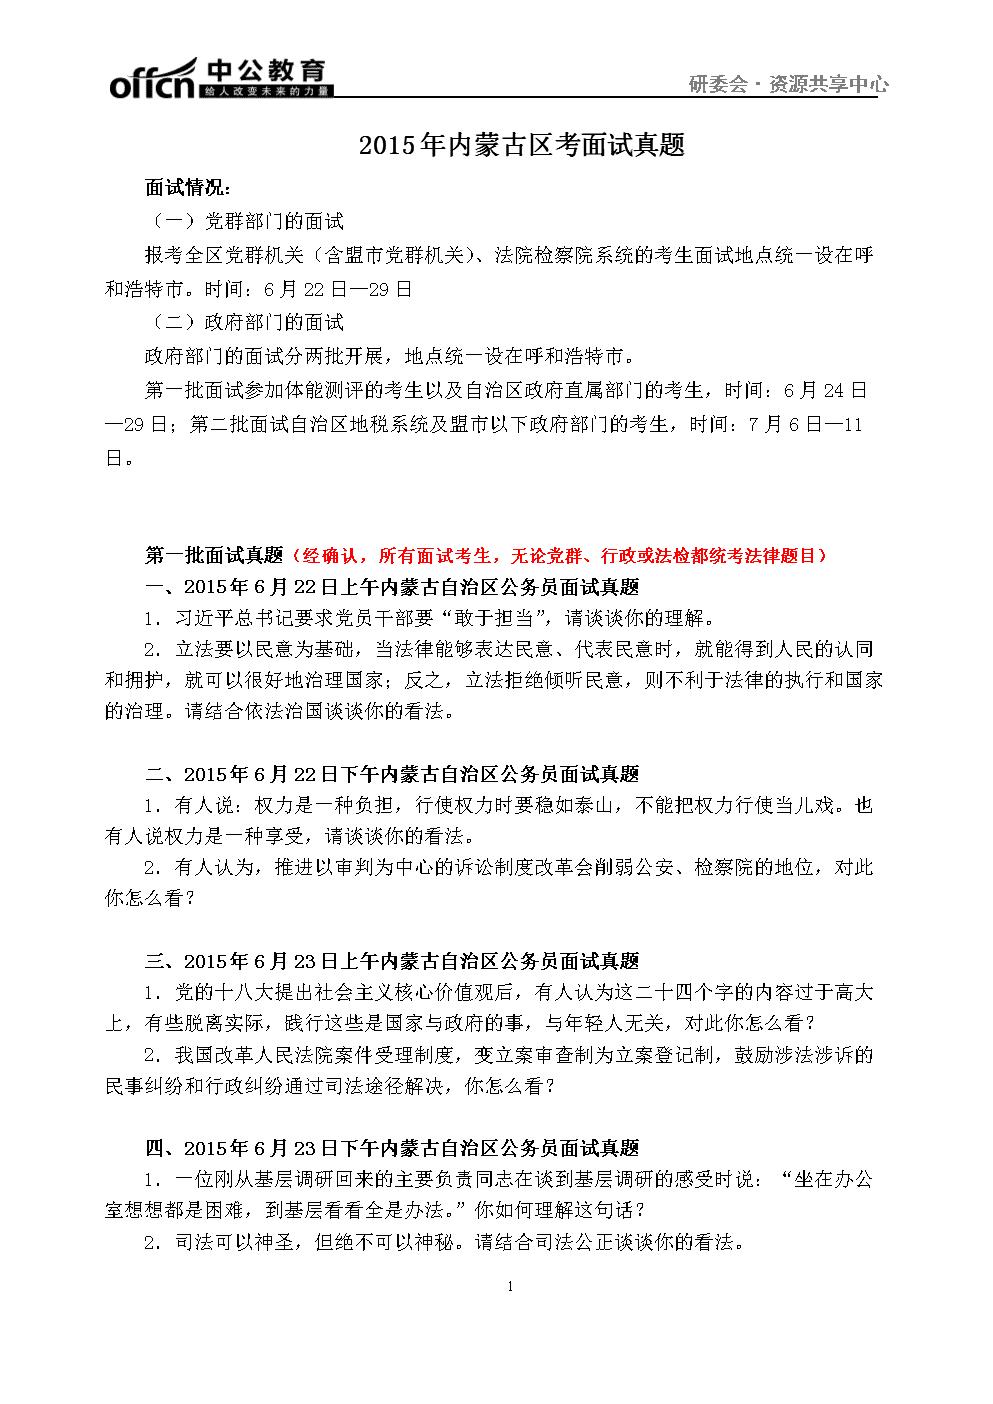 2015年内蒙古自治区公务员面试真题(整理版)(1).docx